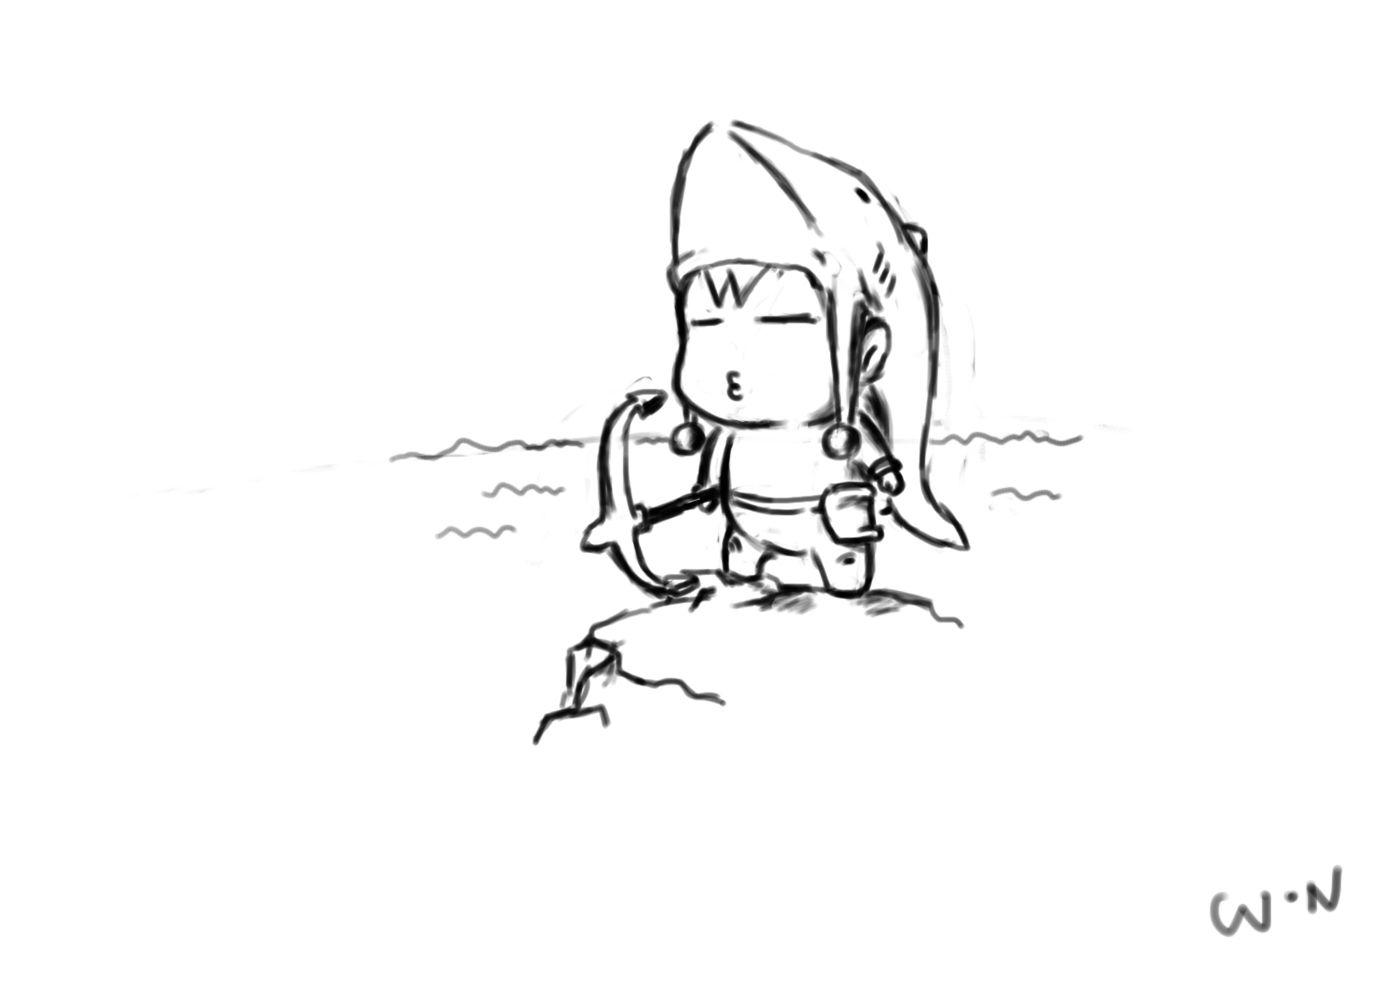 玩家蜗牛滴旋律手绘dota英雄超萌图